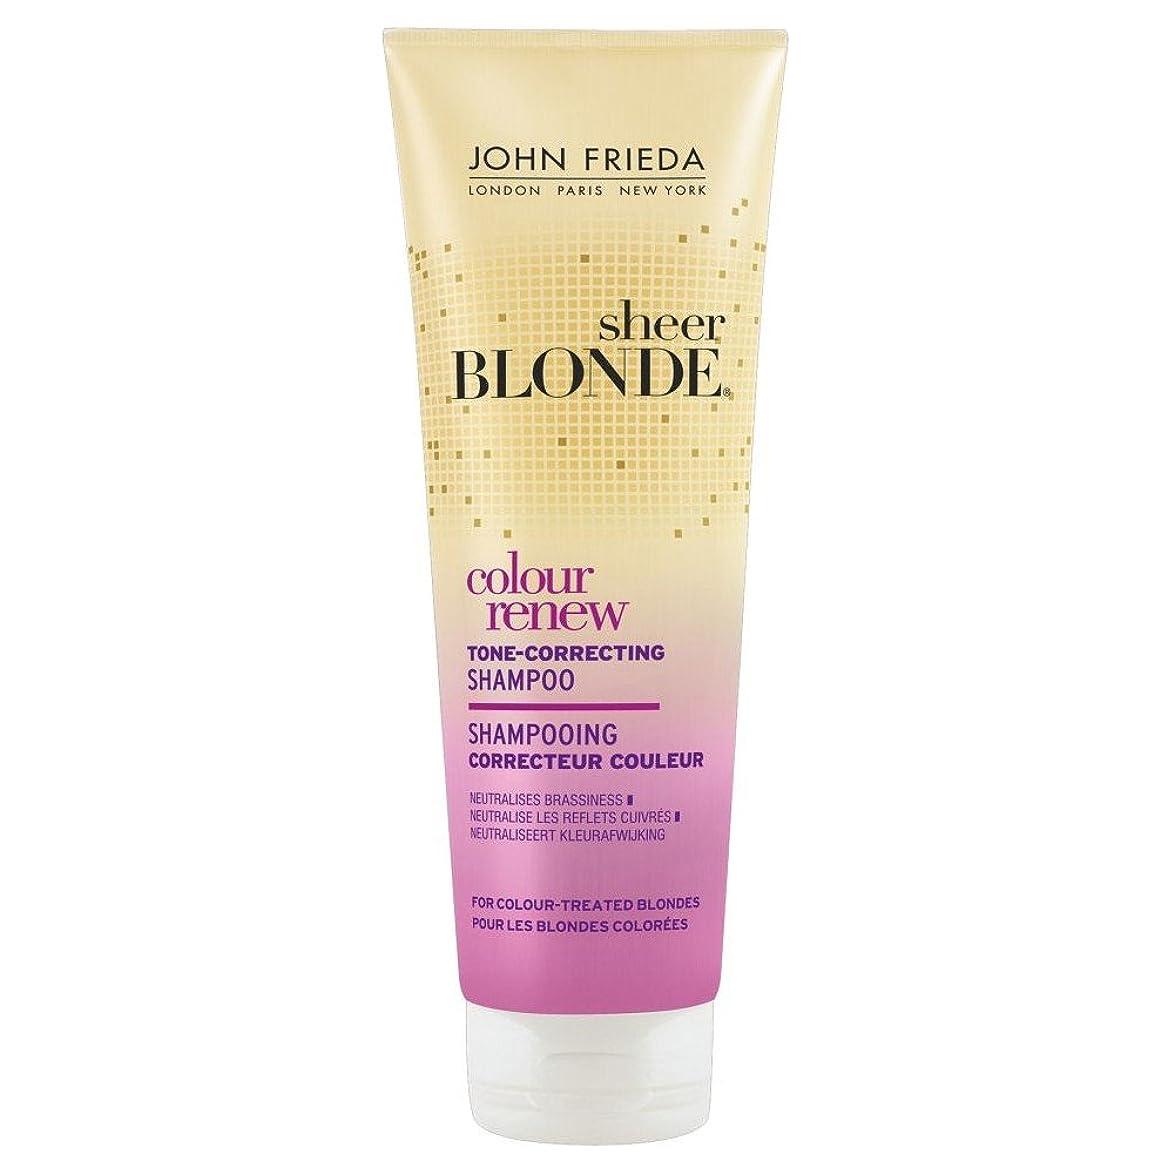 ウサギピクニック多様なJohn Frieda Sheer Blonde Colour Renew Tone Correcting Shampoo (250ml) ジョン?フリーダ全くのブロンド色は色調を補正シャンプー( 250ミリリットル)を更新する [並行輸入品]